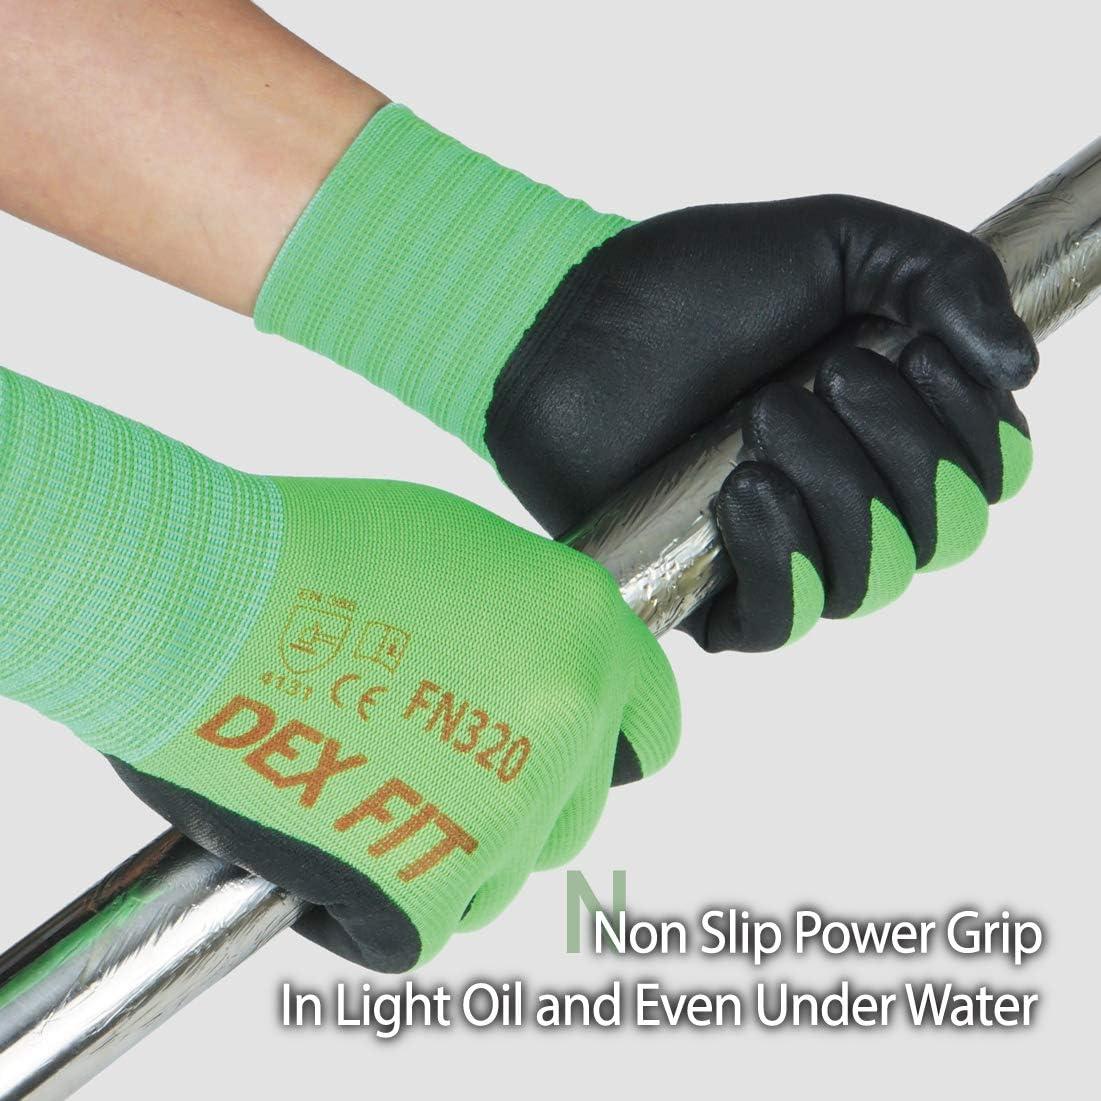 Power Grip DEX FIT FN320 Guantes de trabajo para jardiner/ía lavable a m/áquina Azul X-Small 3 Pairs Espuma de nitrilo duradero Delgado ligero y alto el/ástico Comfort 3D Stretch Fit